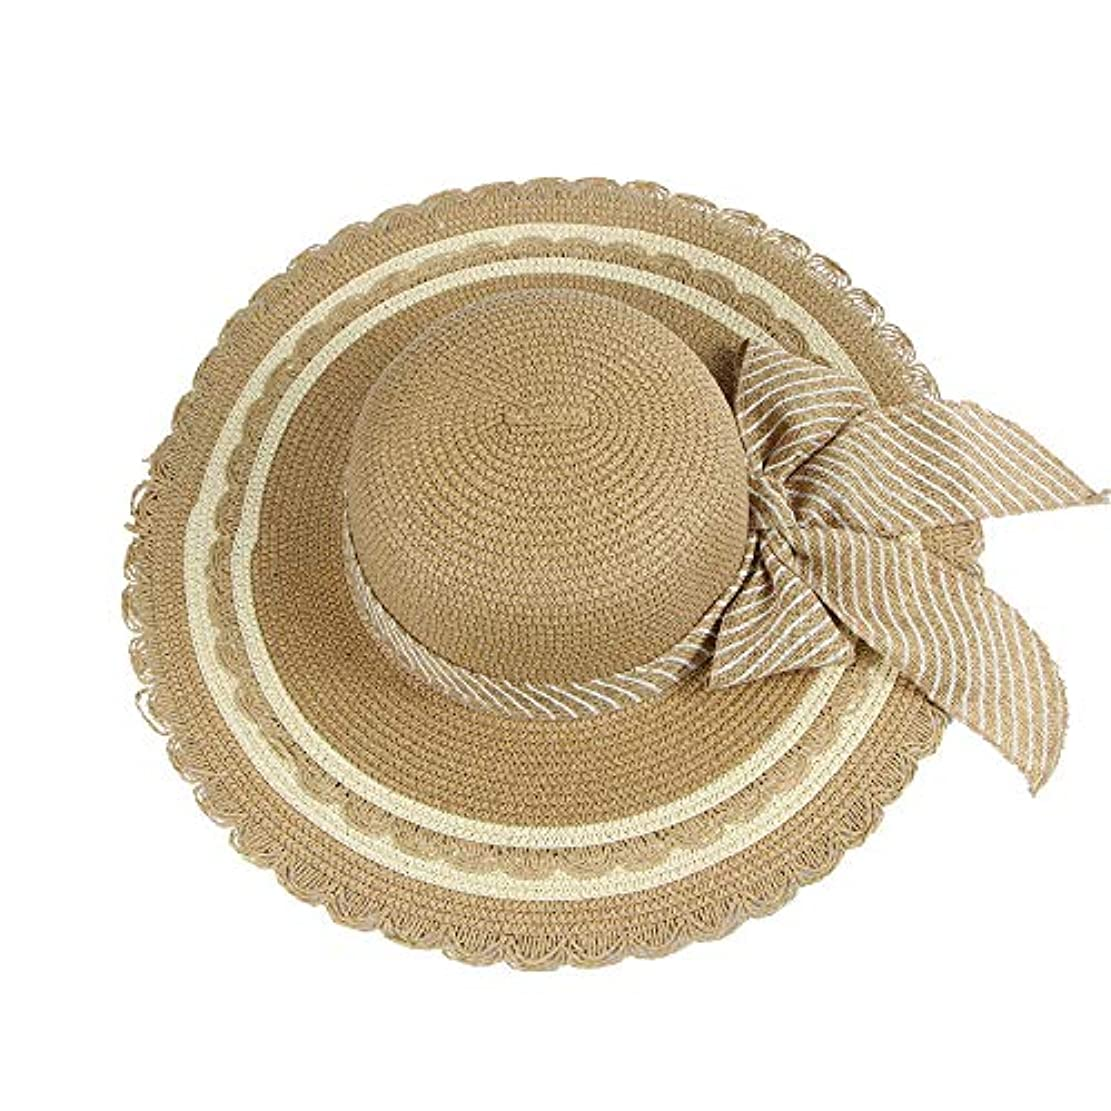 宿題増加するバース帽子 レディース UVカット 帽子 麦わら帽子 UV帽子 紫外線対策 折りたたみ つば広 ワイヤ入り uvカット帽子 春夏 レディース 通気性 ニット帽 マニュアル キャップ レディース 大きいサイズ ROSE ROMAN